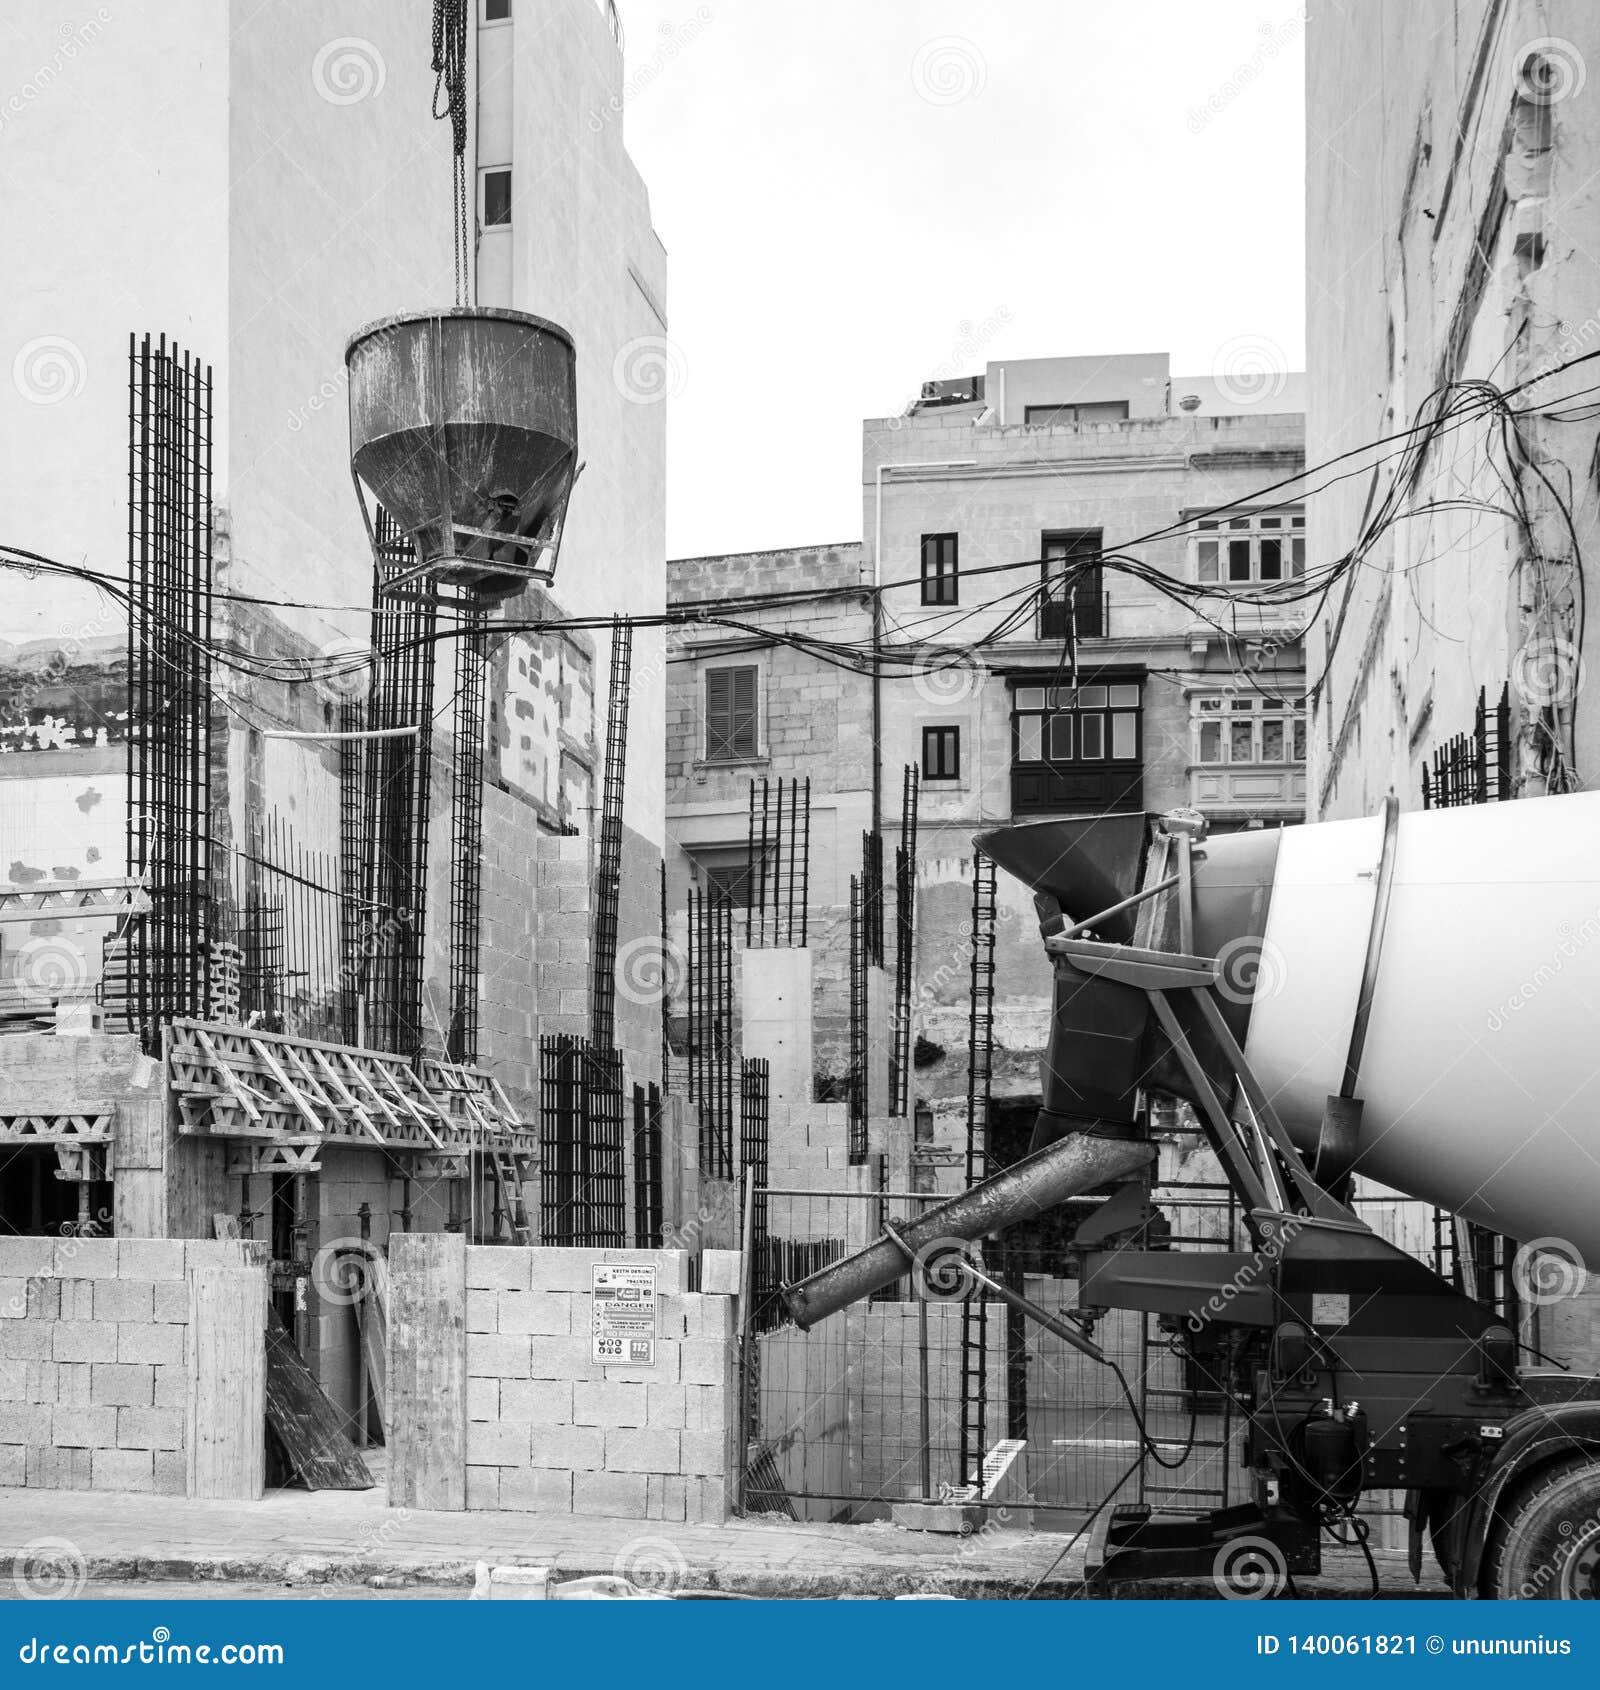 La casa bajo construcción está en curso con el equipo constructivo en el frente, St juliano, Malta